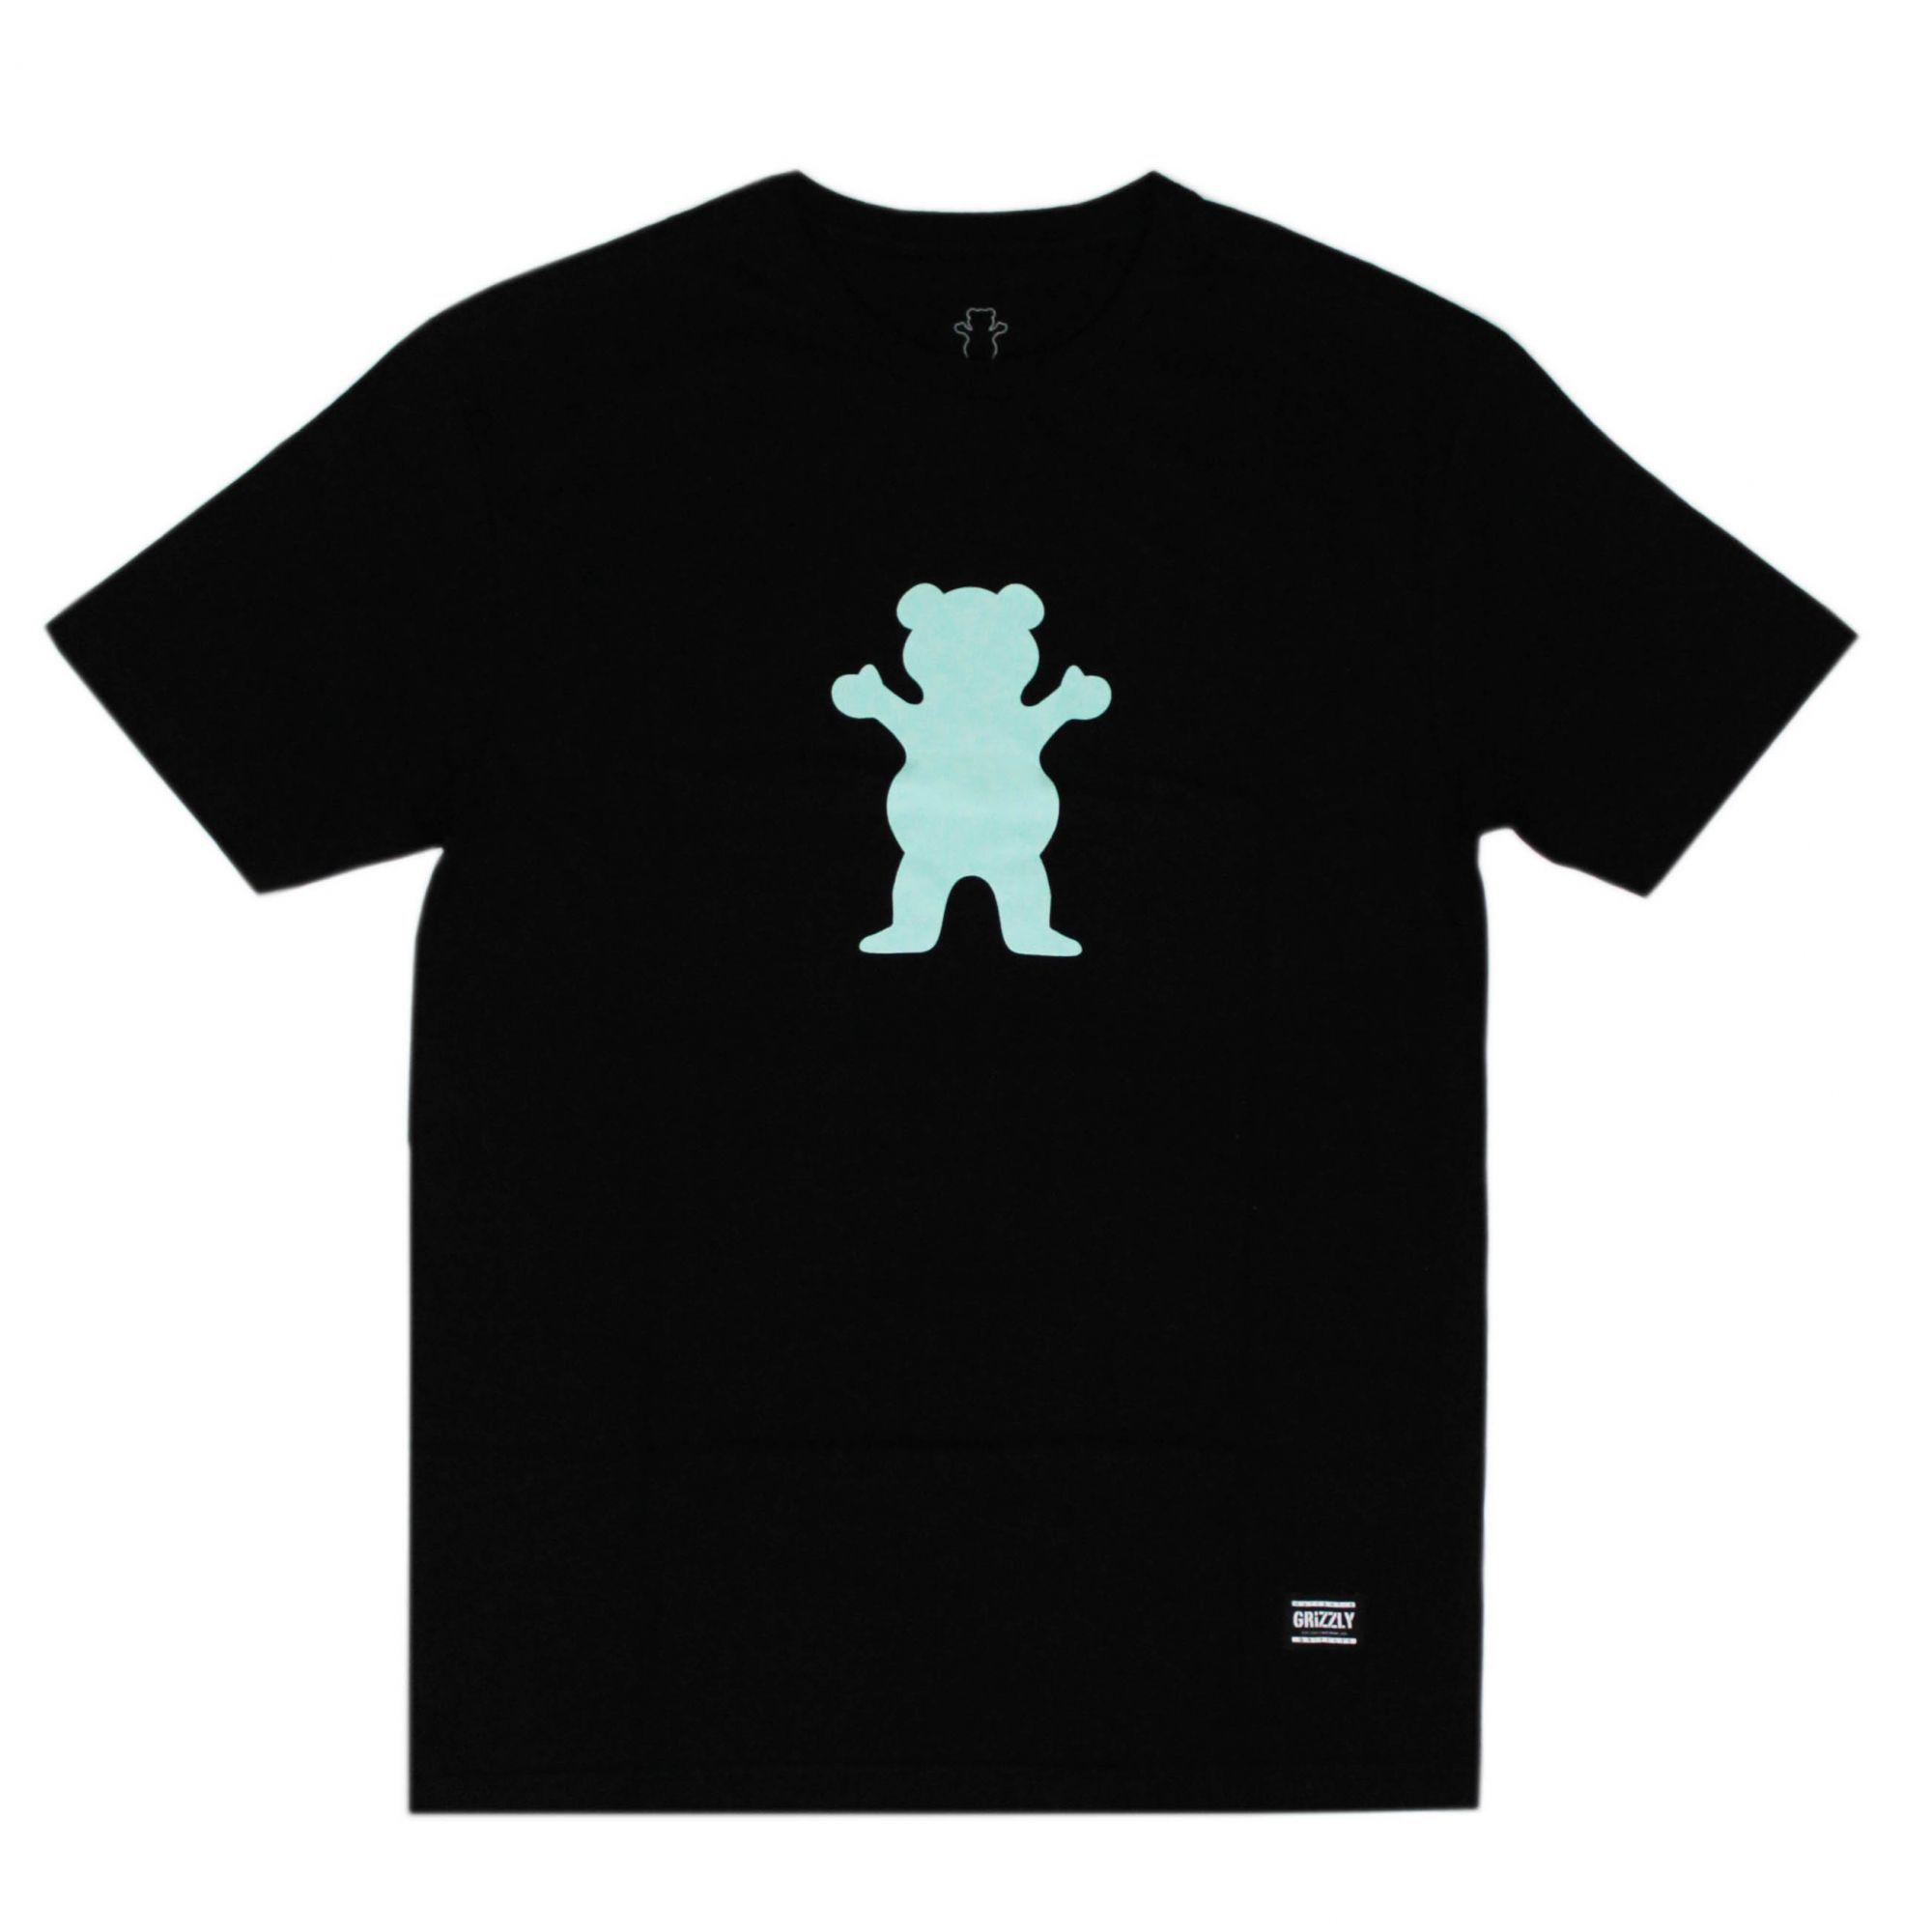 Camiseta Grizzly Og Bear Logo - Preto/Azul